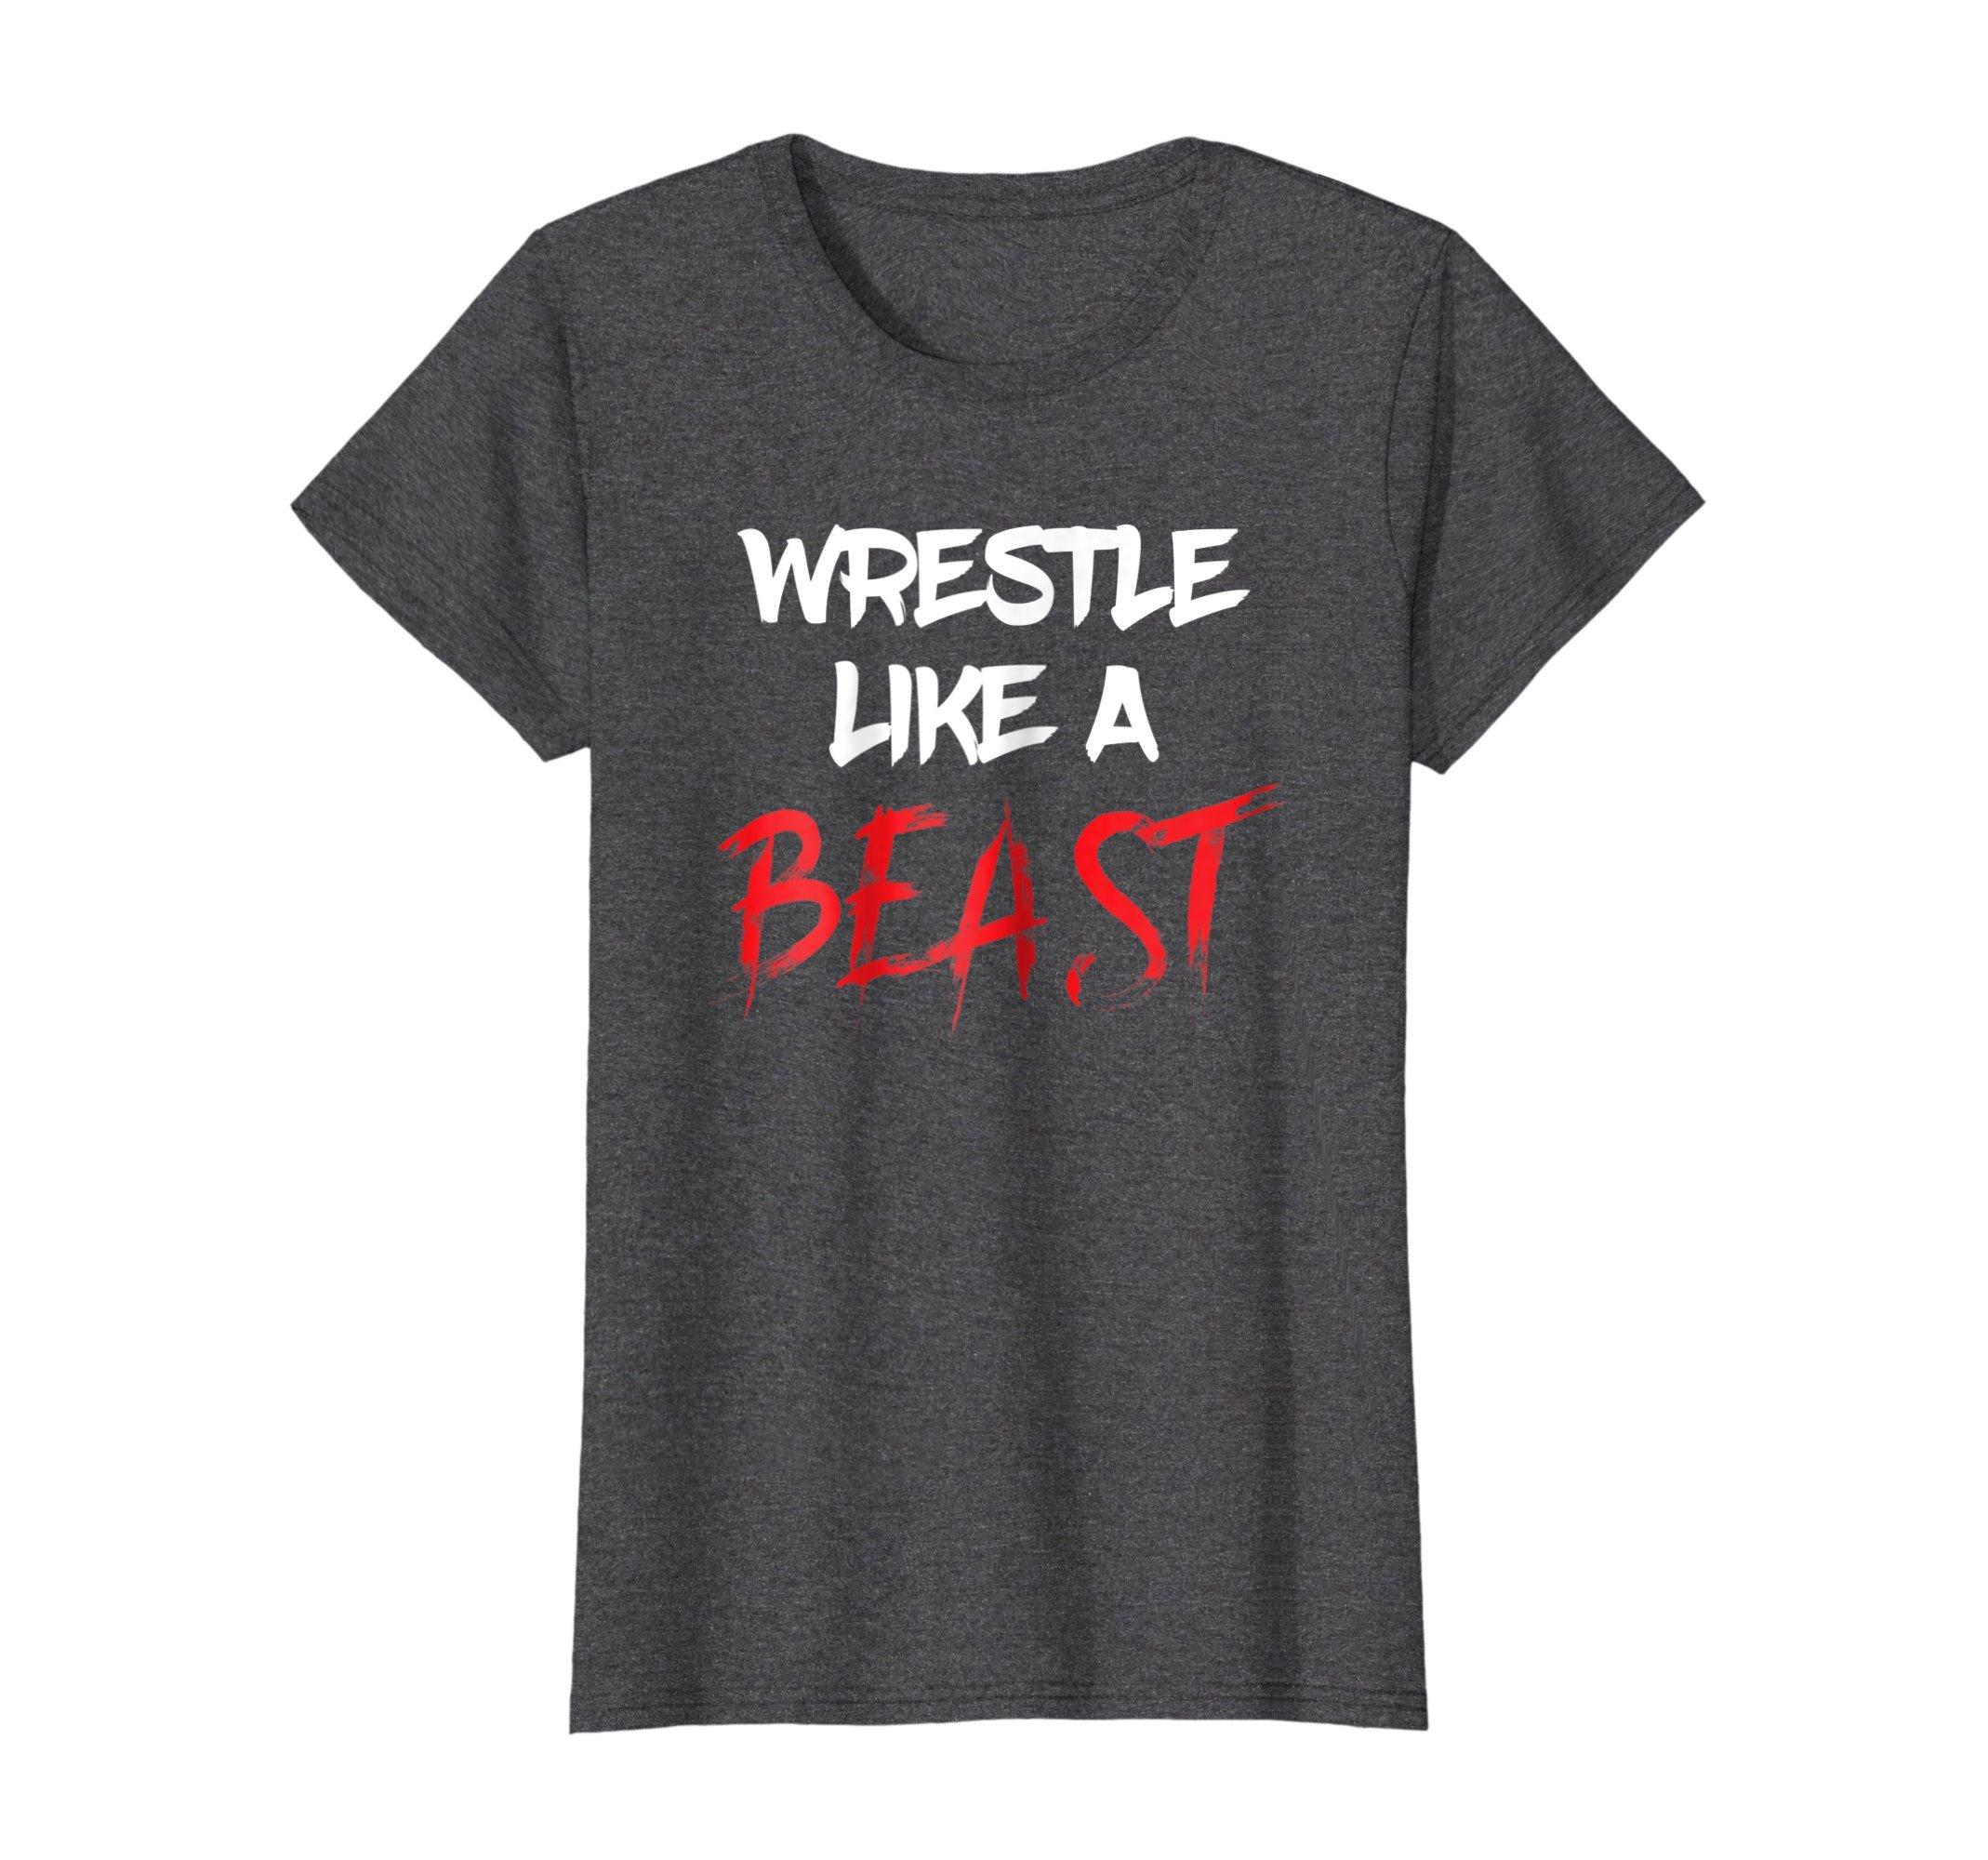 Womens Wrestling Funny Wrestler Season T Shirt - Cool Grappler Gift Small Dark Heather